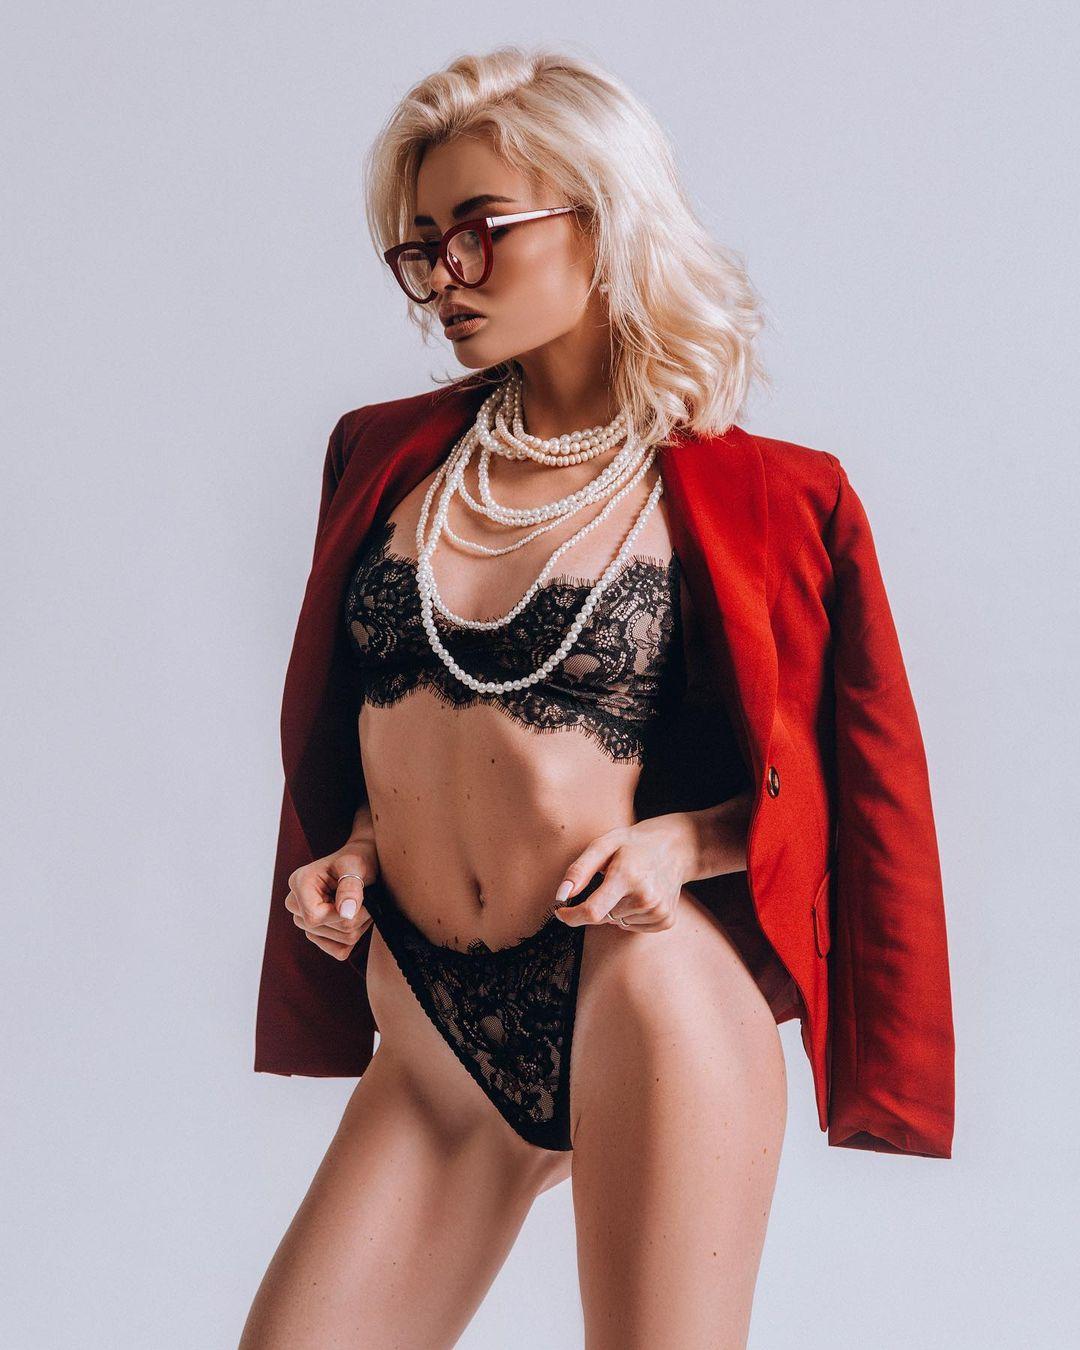 Anastasia Trifonova